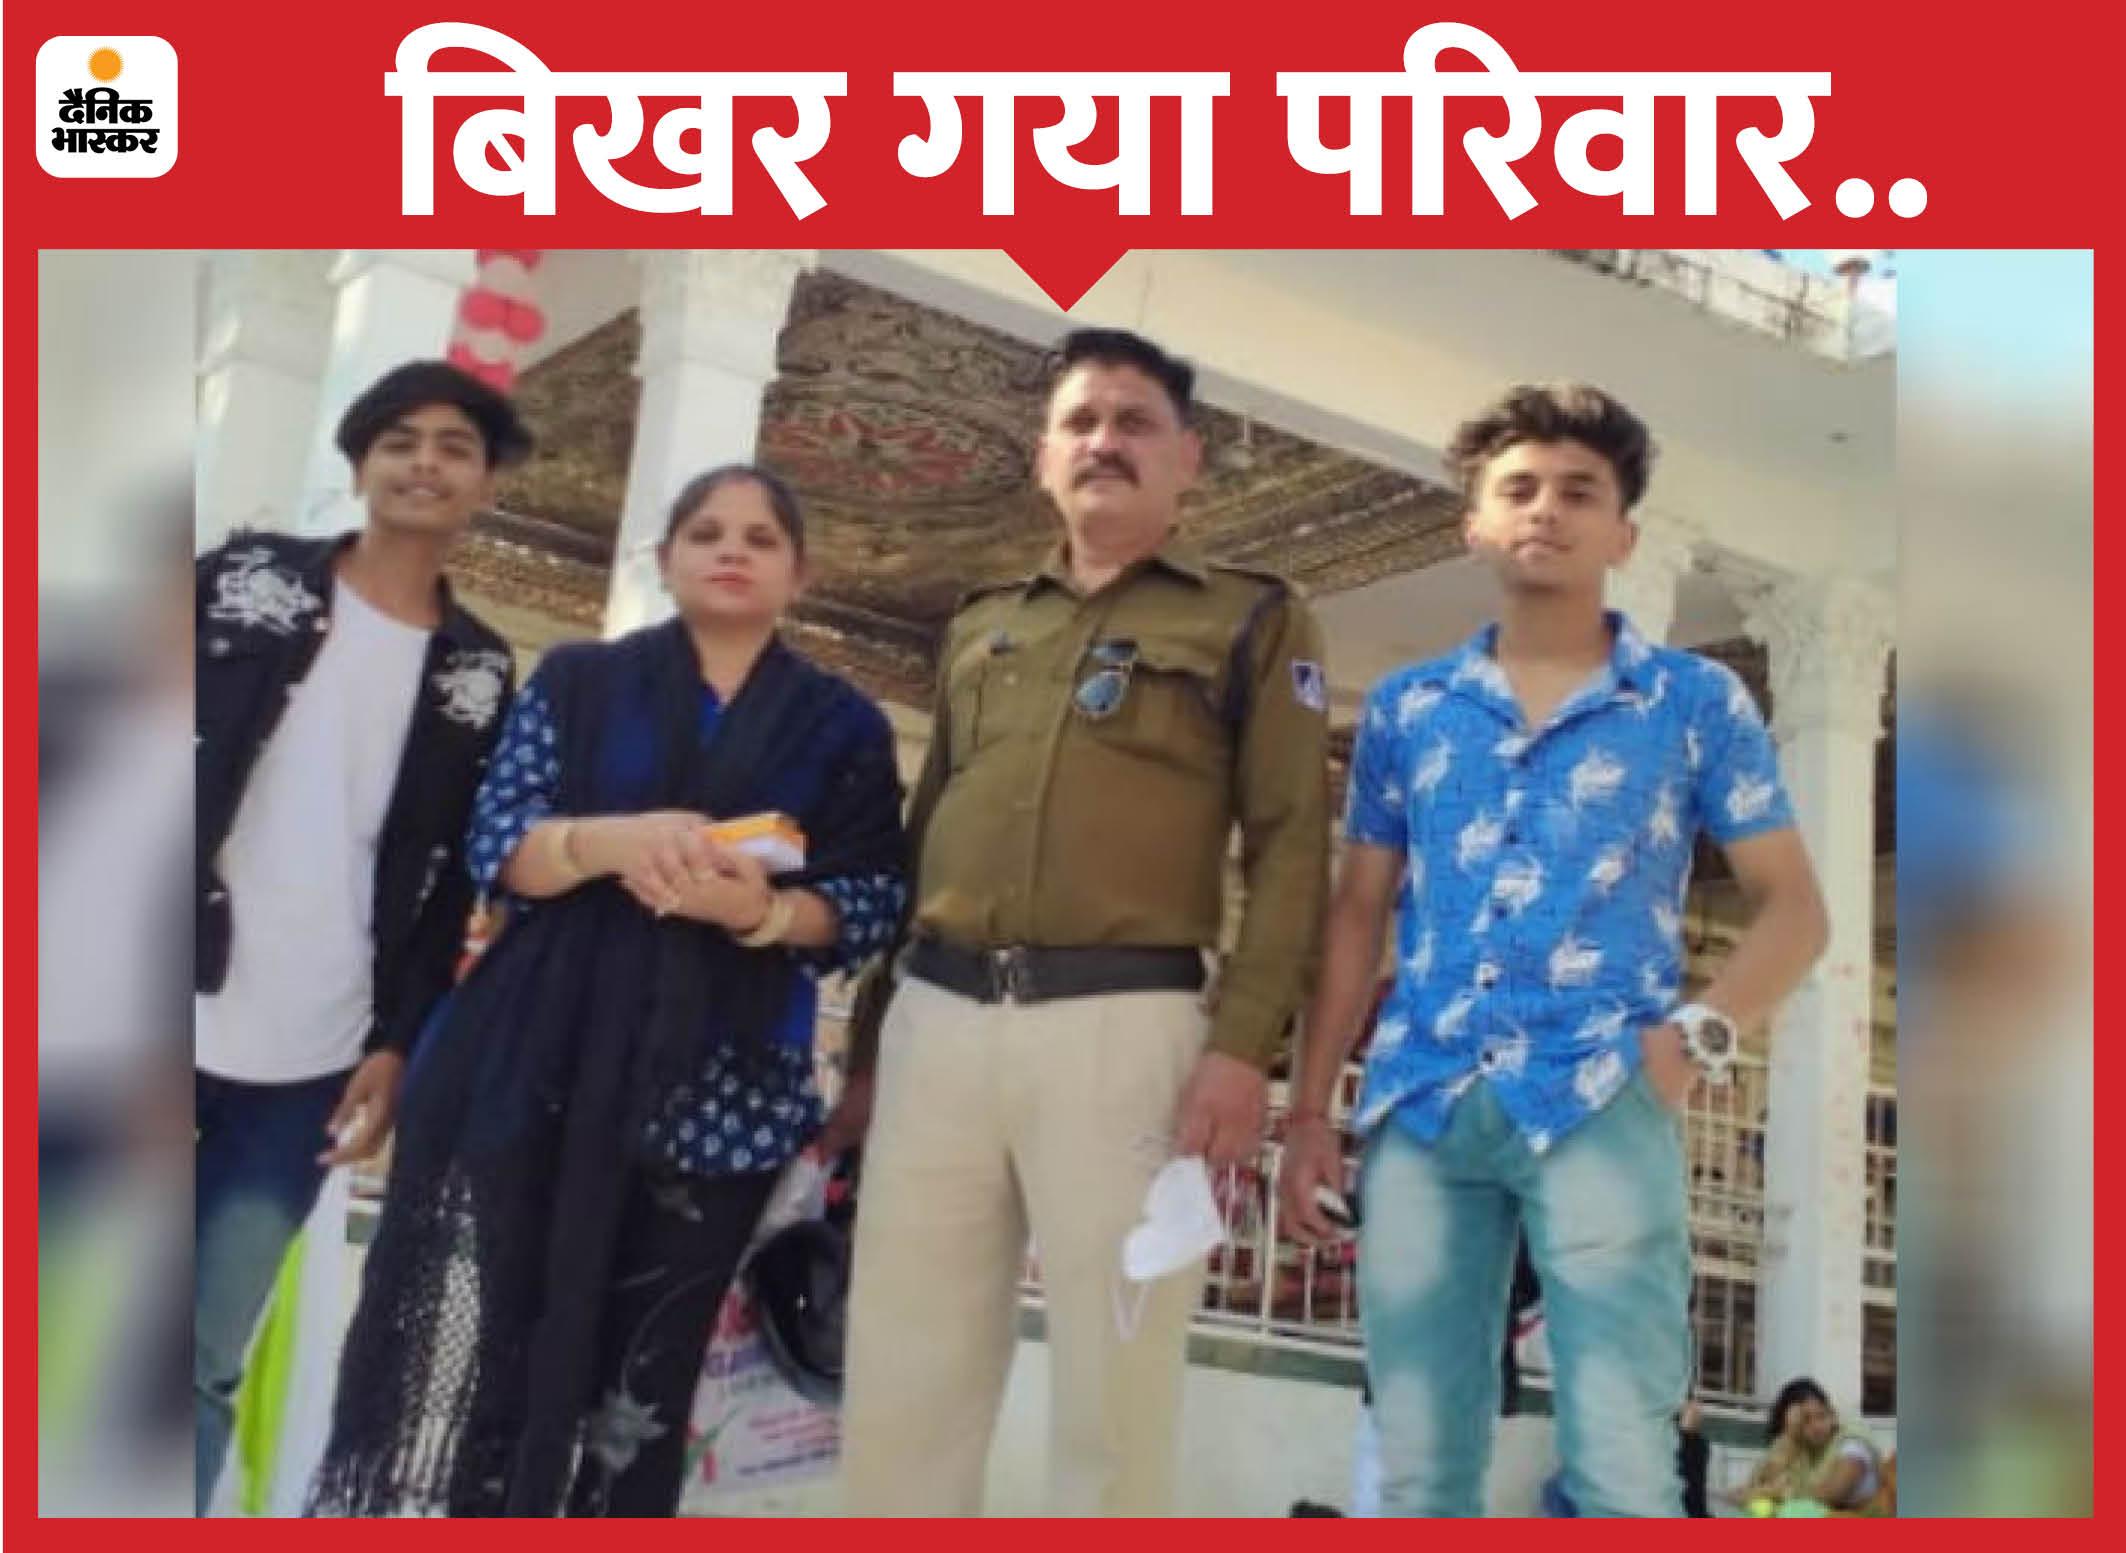 सीसीटीवी और बेटी का मोबाइल पहले से बंद, दूसरे फोन से दोस्त को मैसेज भेजा- देखना मम्मी-पापा को कुछ पता न चले इंदौर,Indore - Dainik Bhaskar